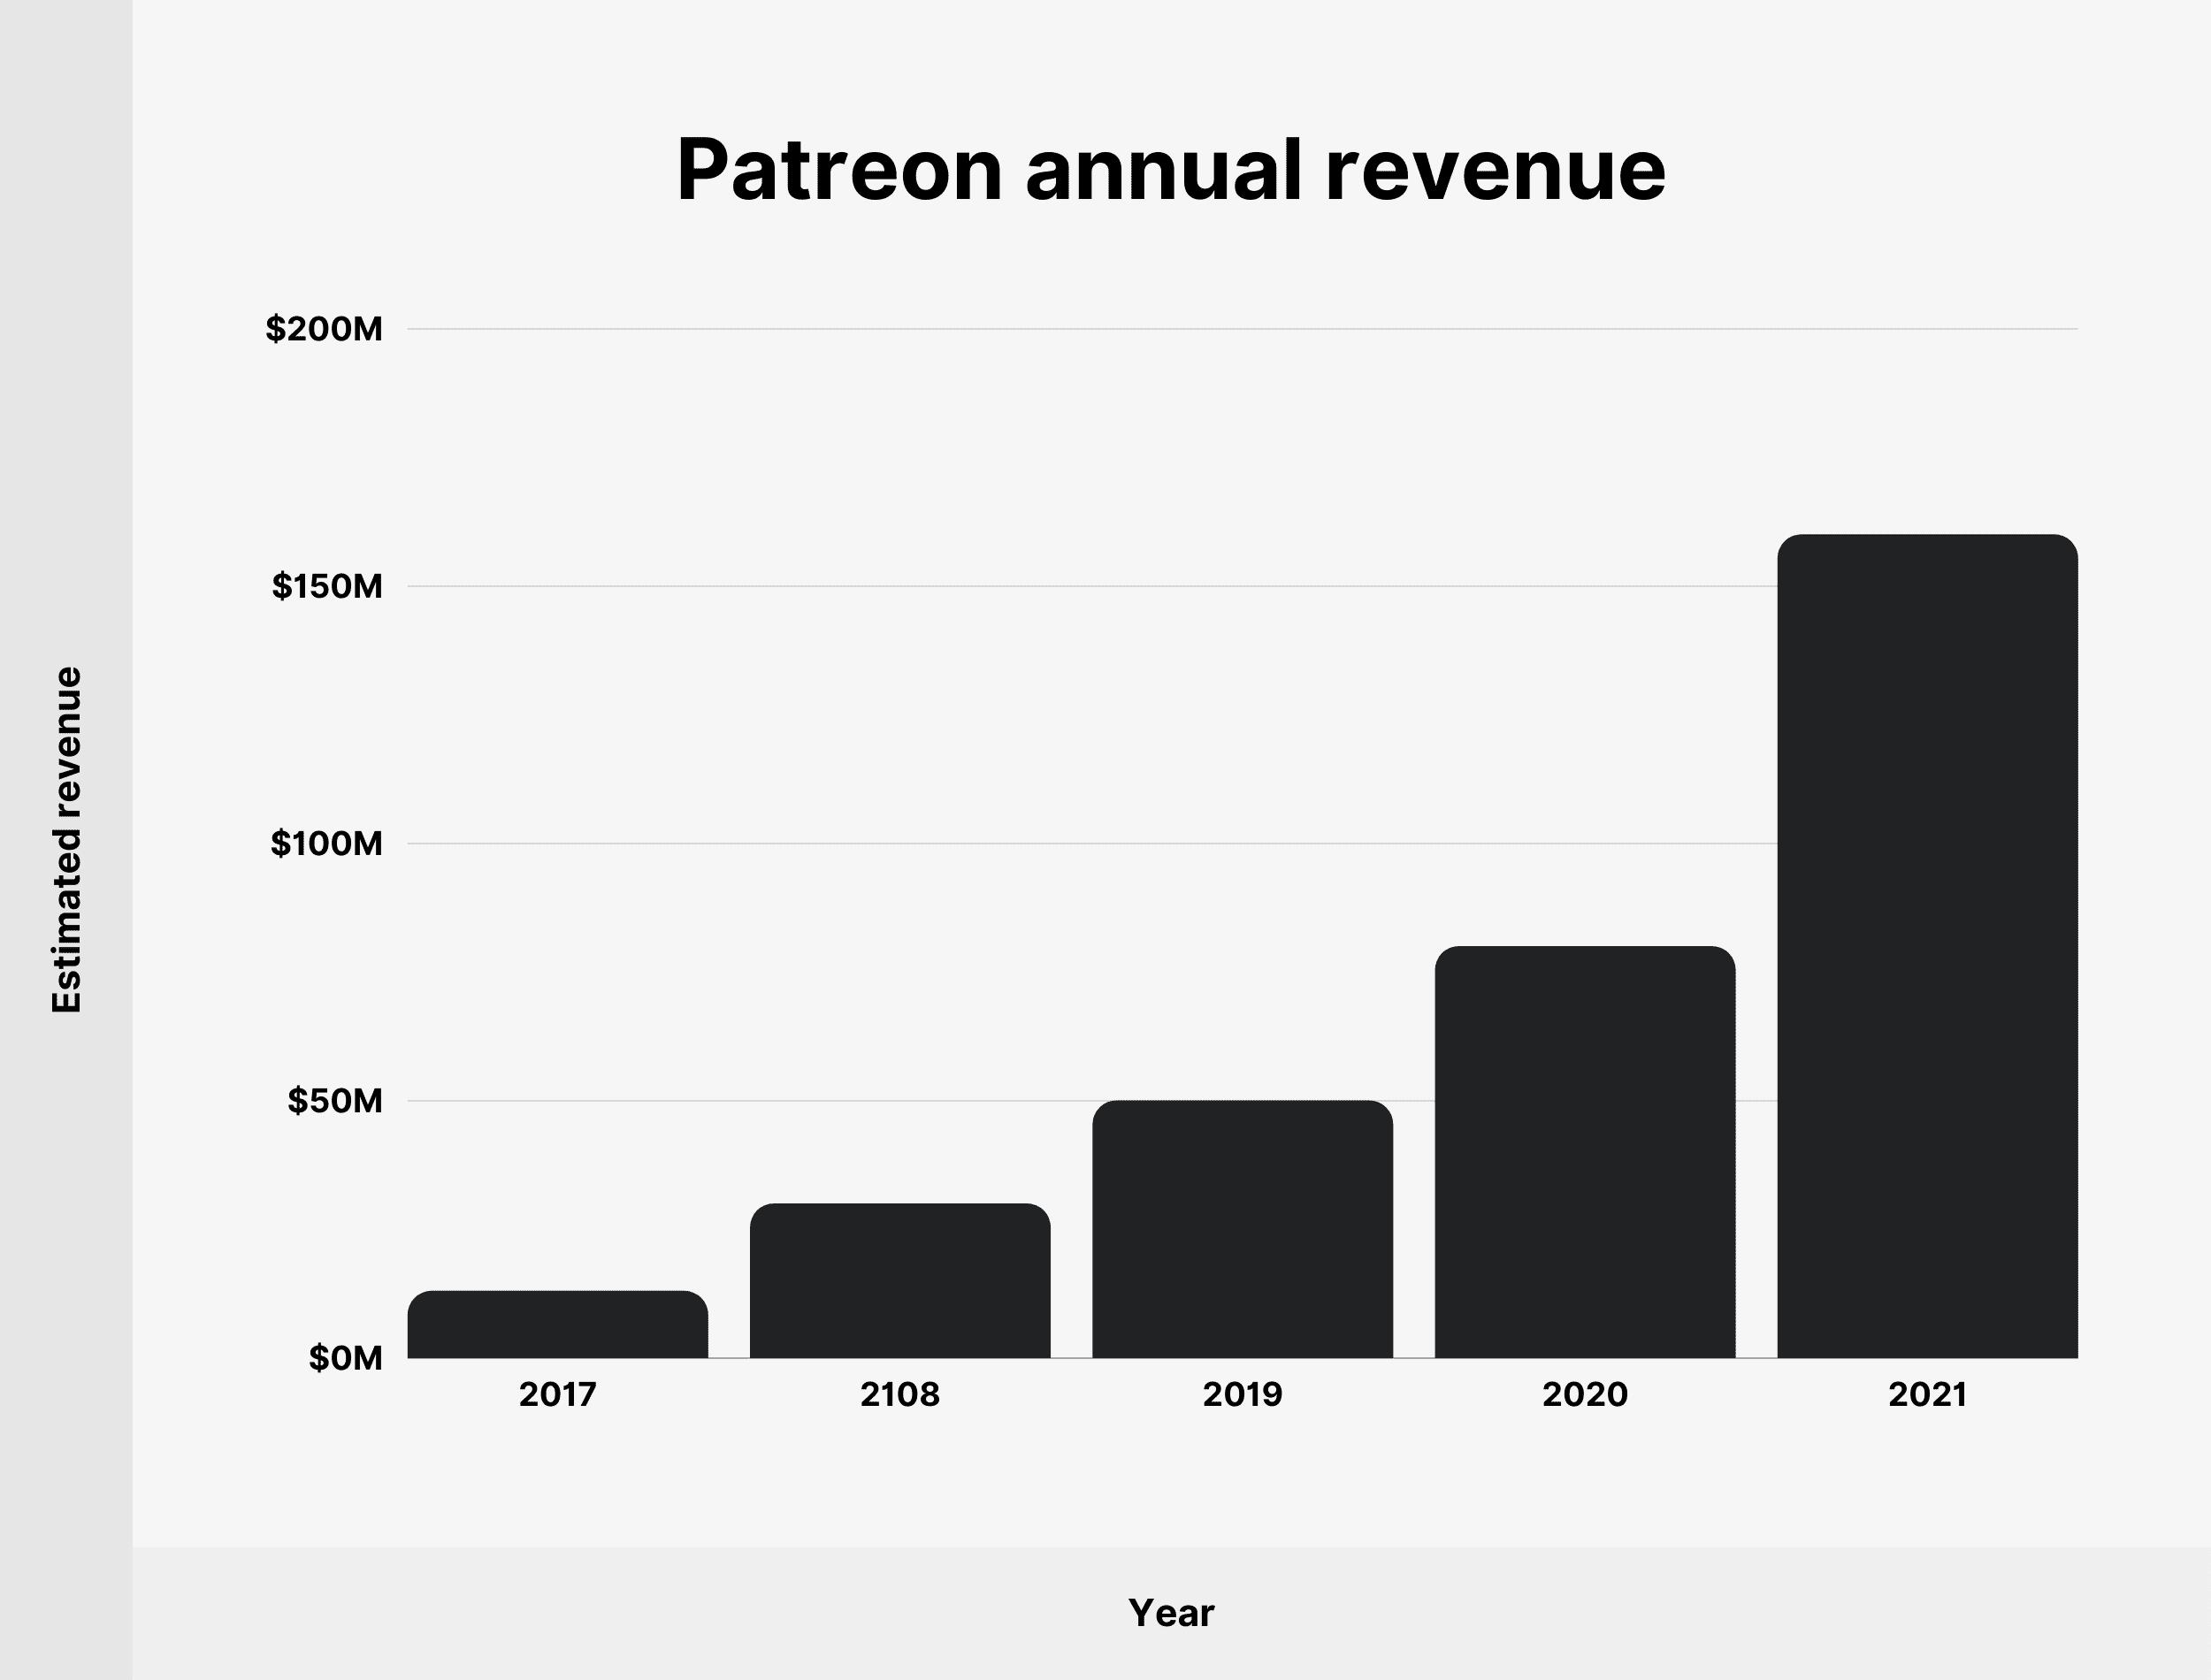 Patreon annual revenue